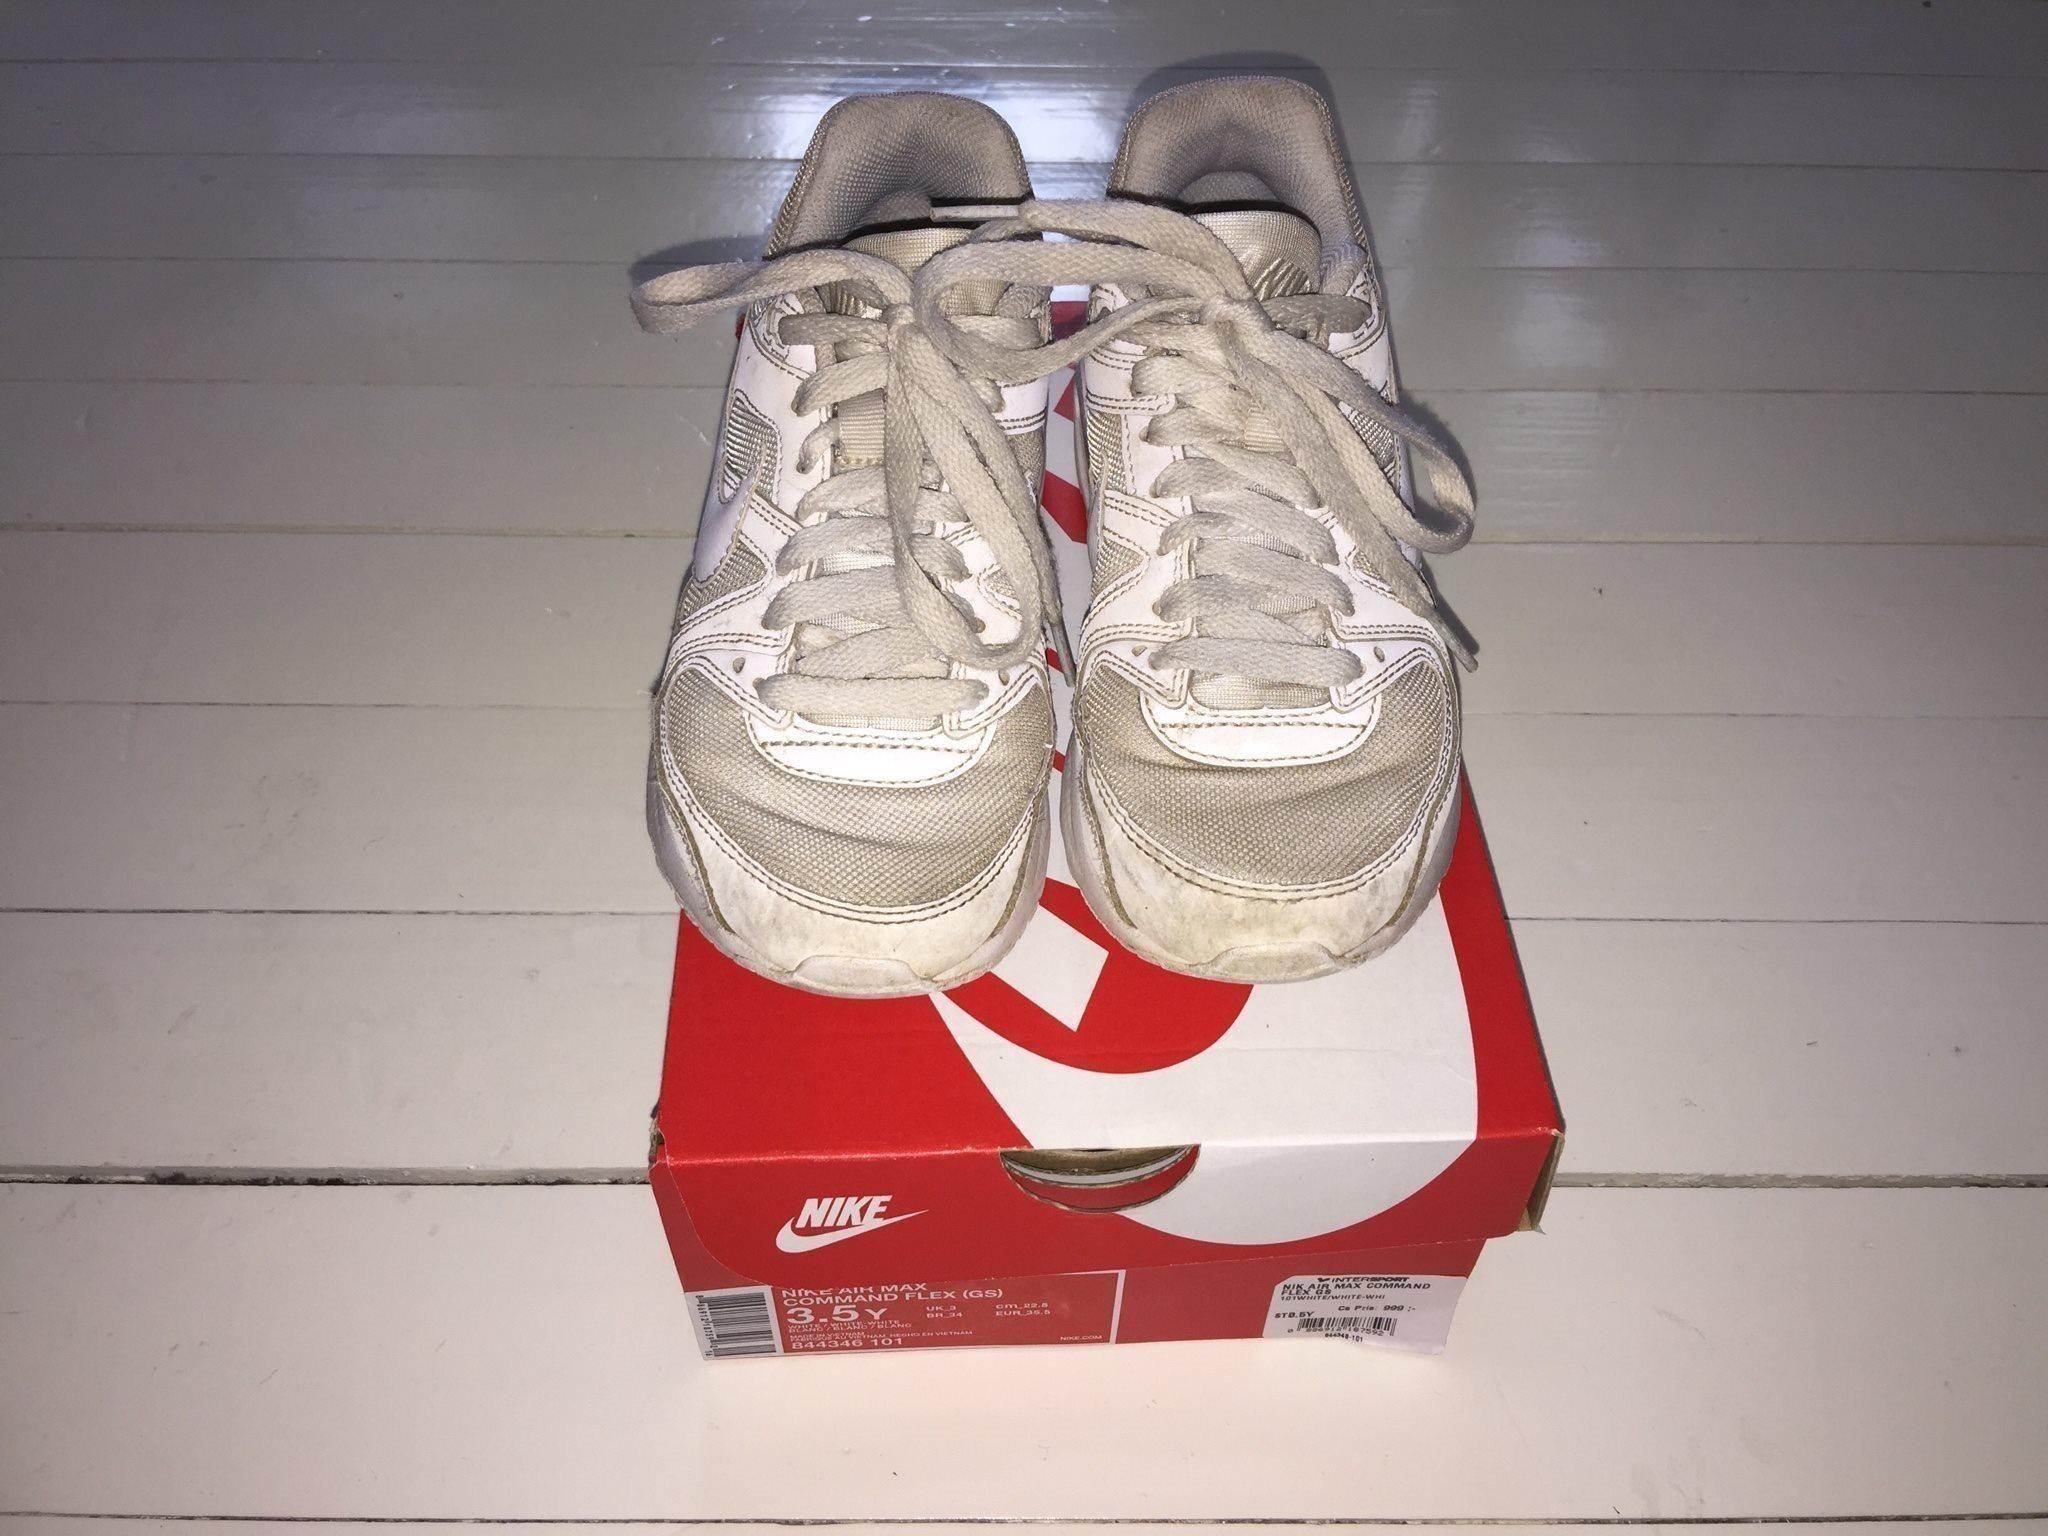 online store 474fa f59b8 Nike Sneakers Tennisskor Nike Air Max Vita Strl 35,5 Vårskor